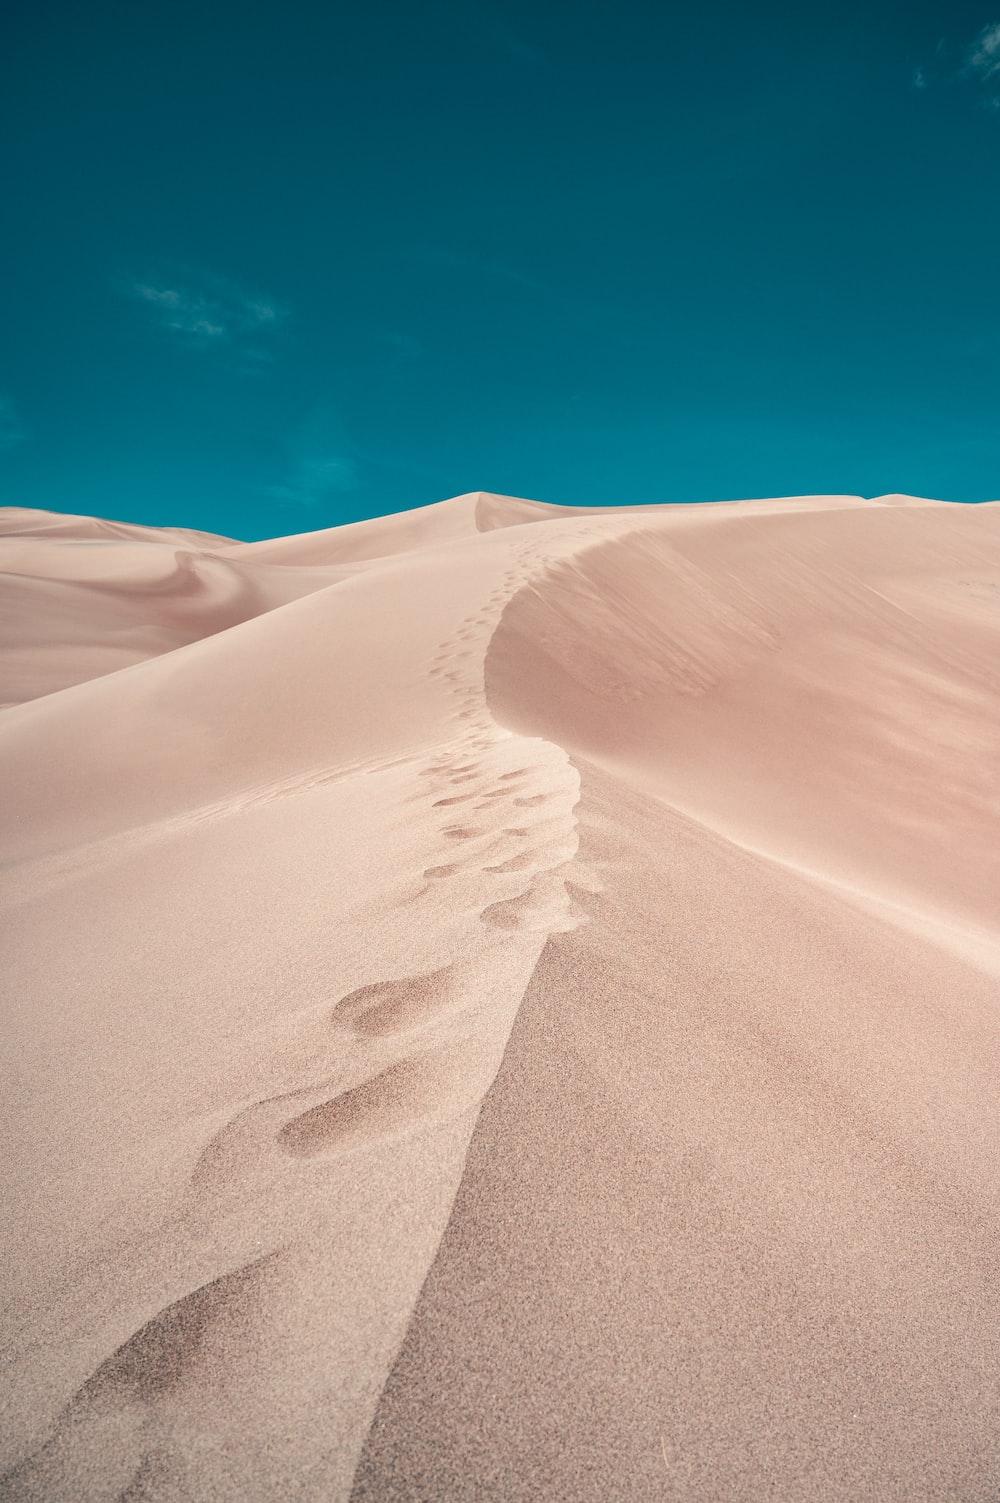 white sand under blue sky during daytime